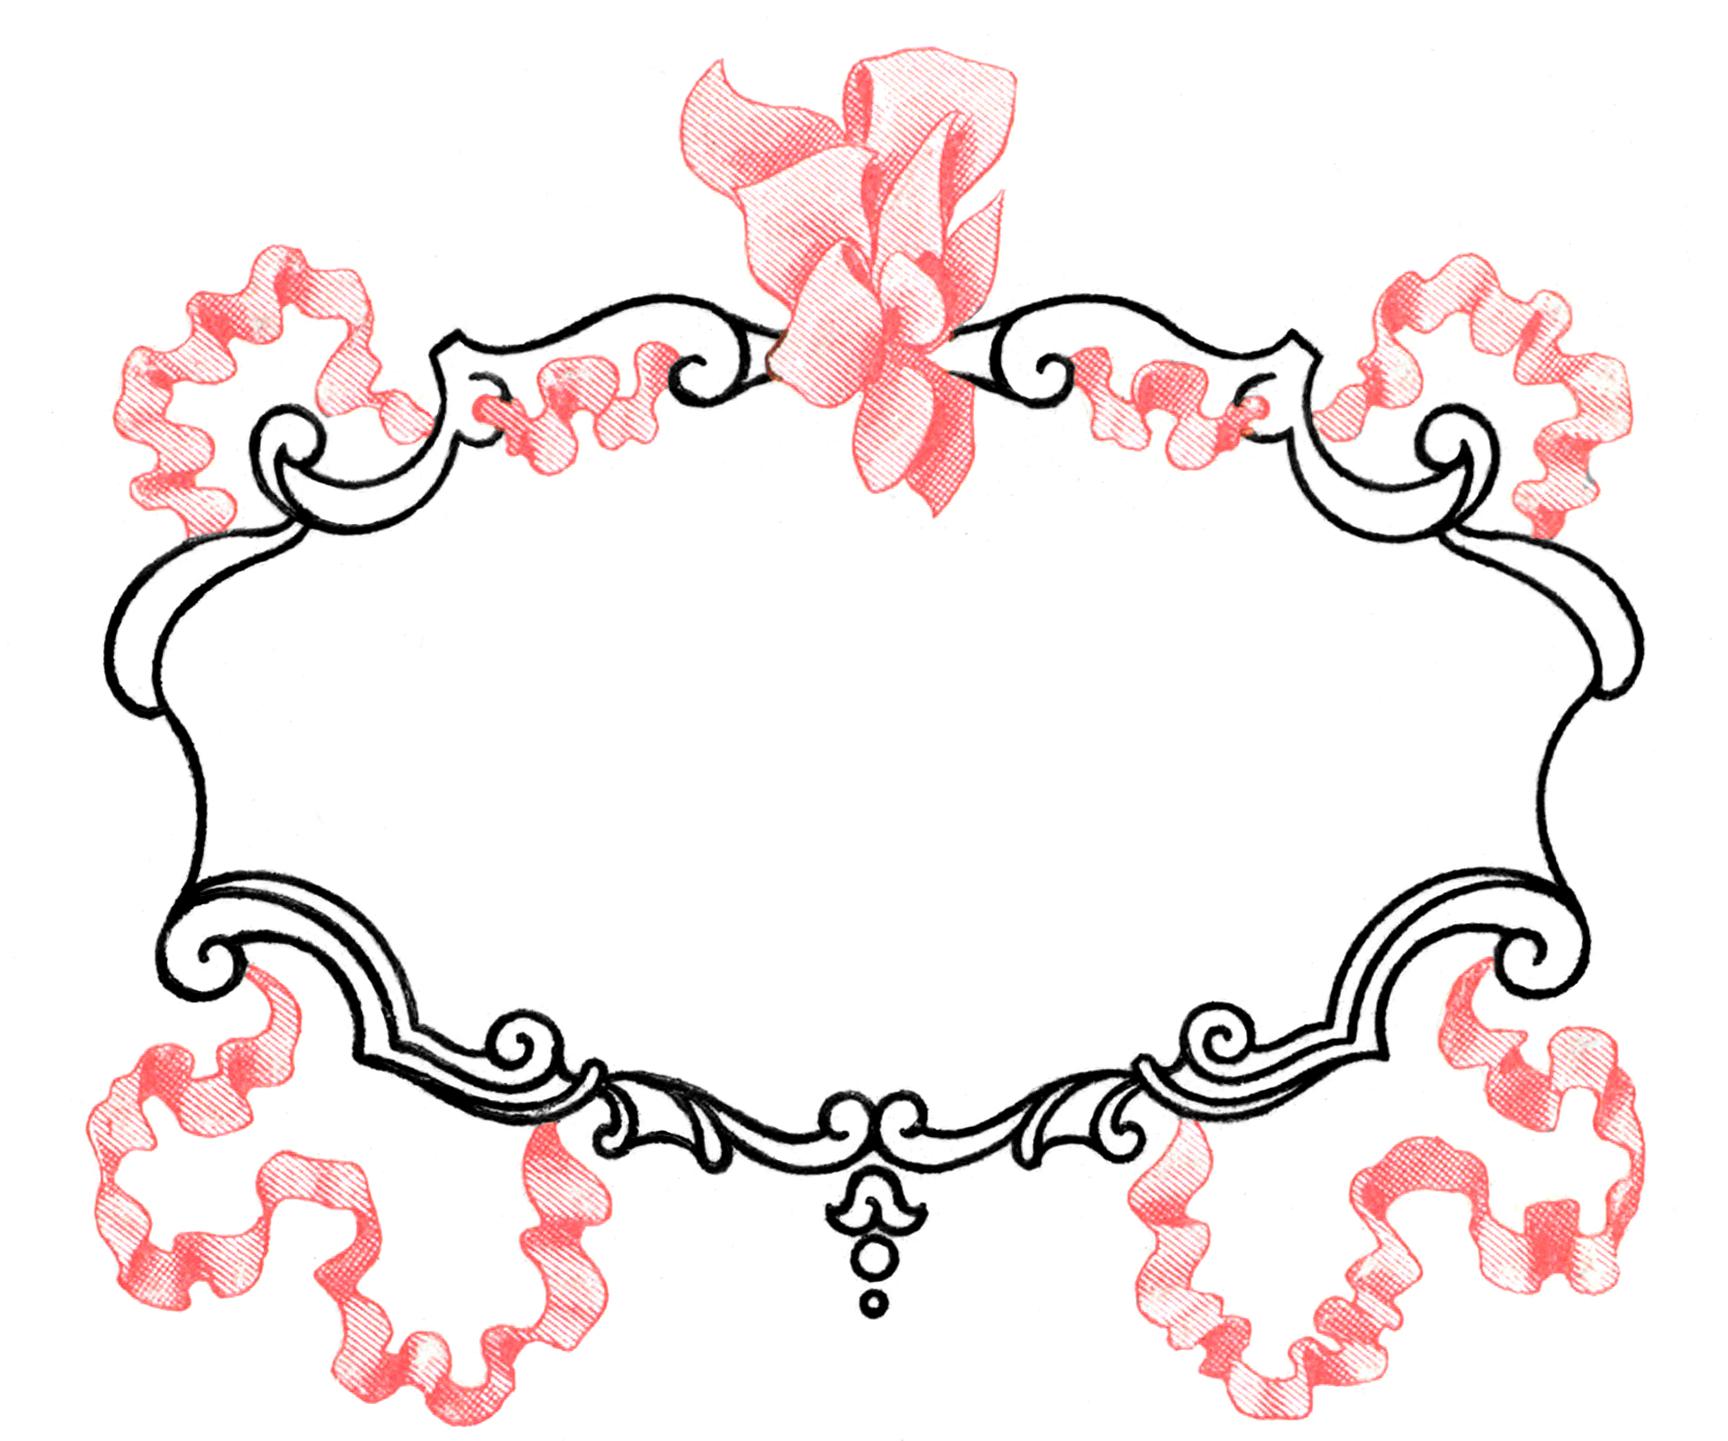 Vintage Pink Ribbon Frame Image - Super Pretty!